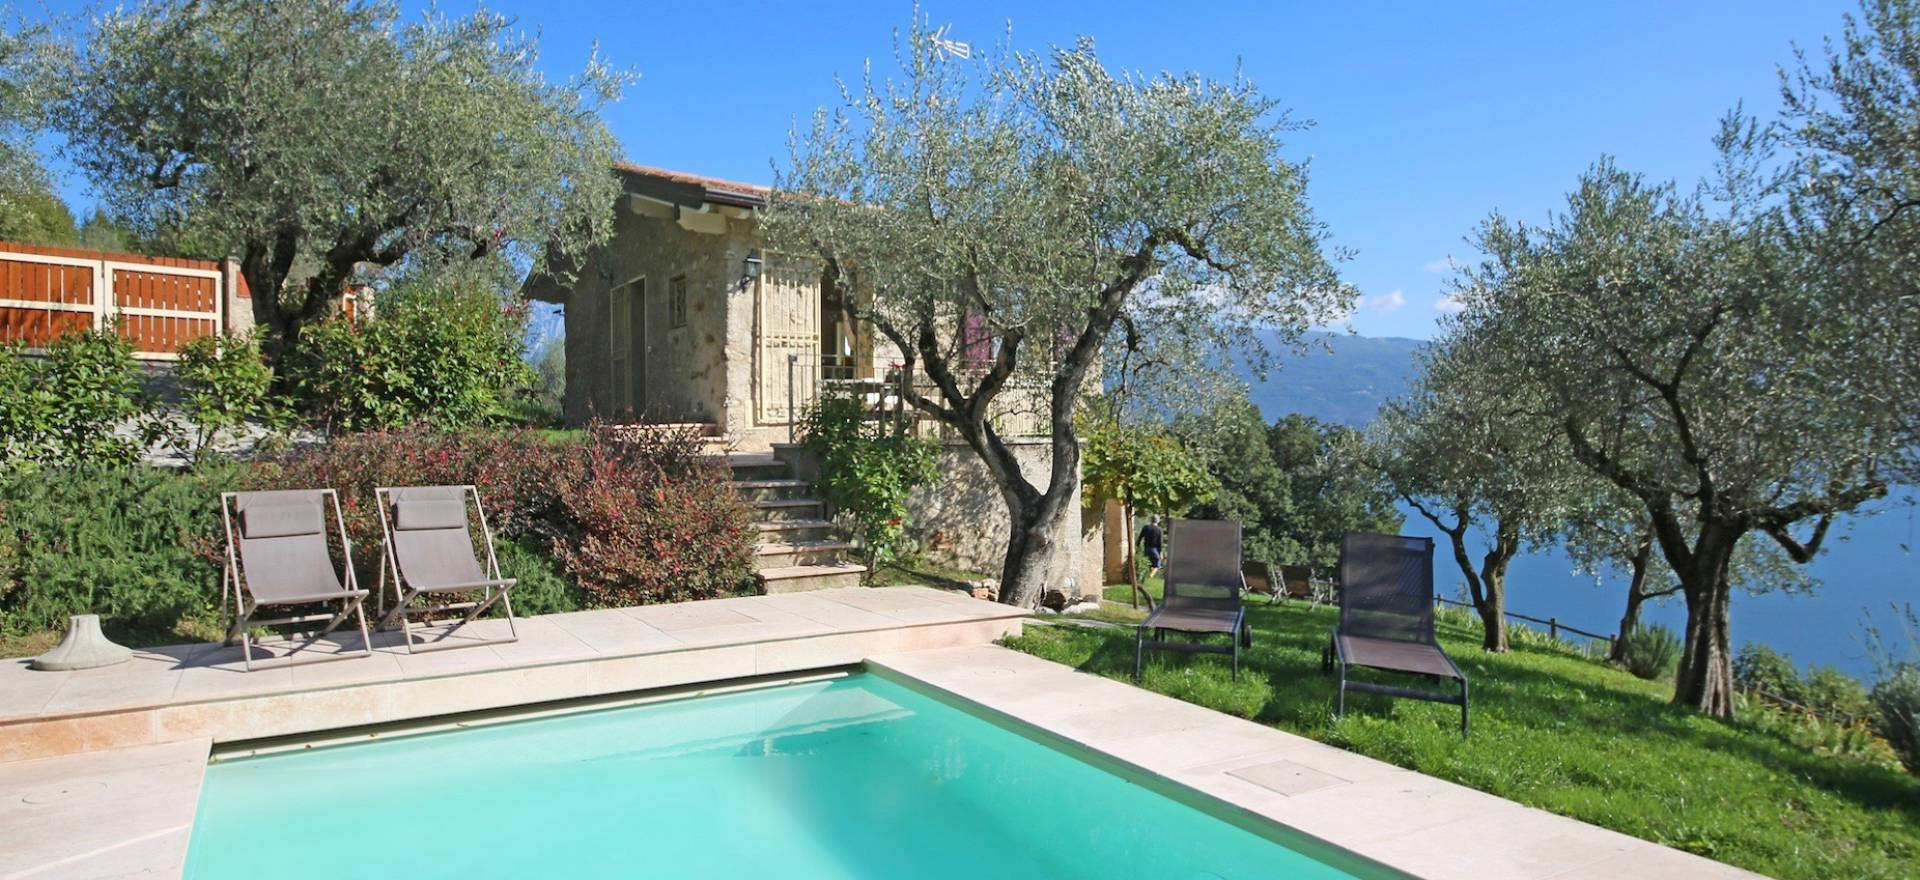 Bella casa di campagna con piscina e vista lago di garda - Casa vista lago garda ...